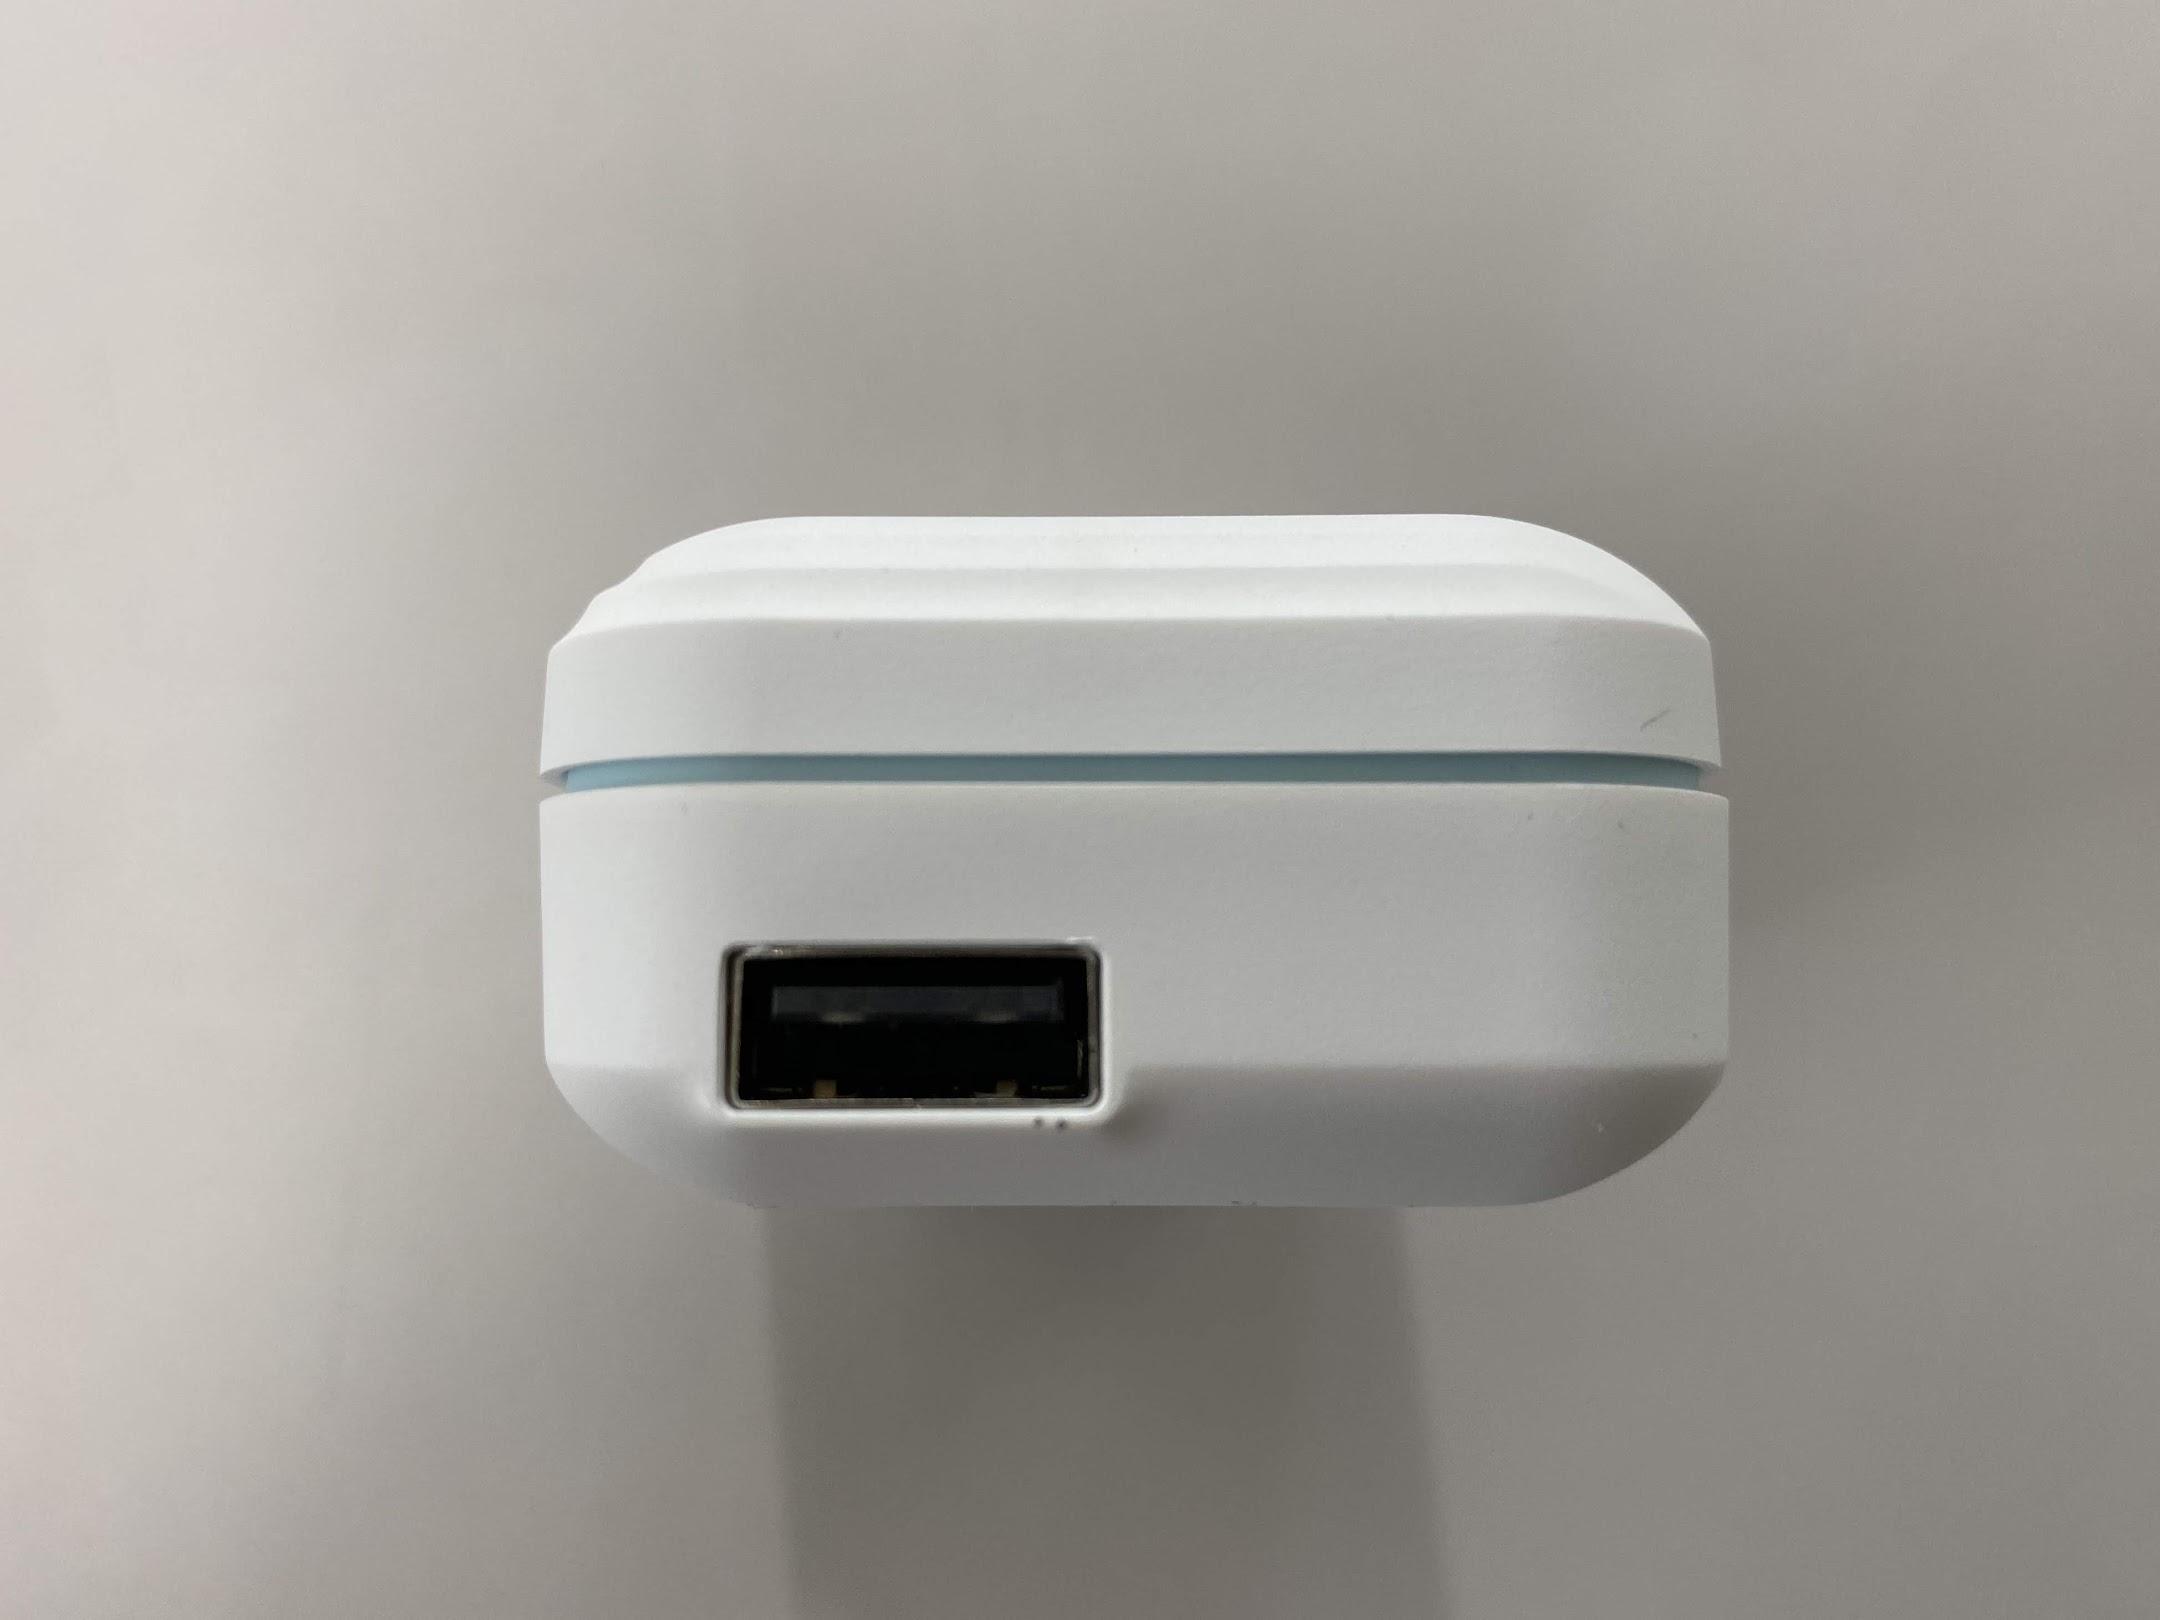 USB-A 出力用